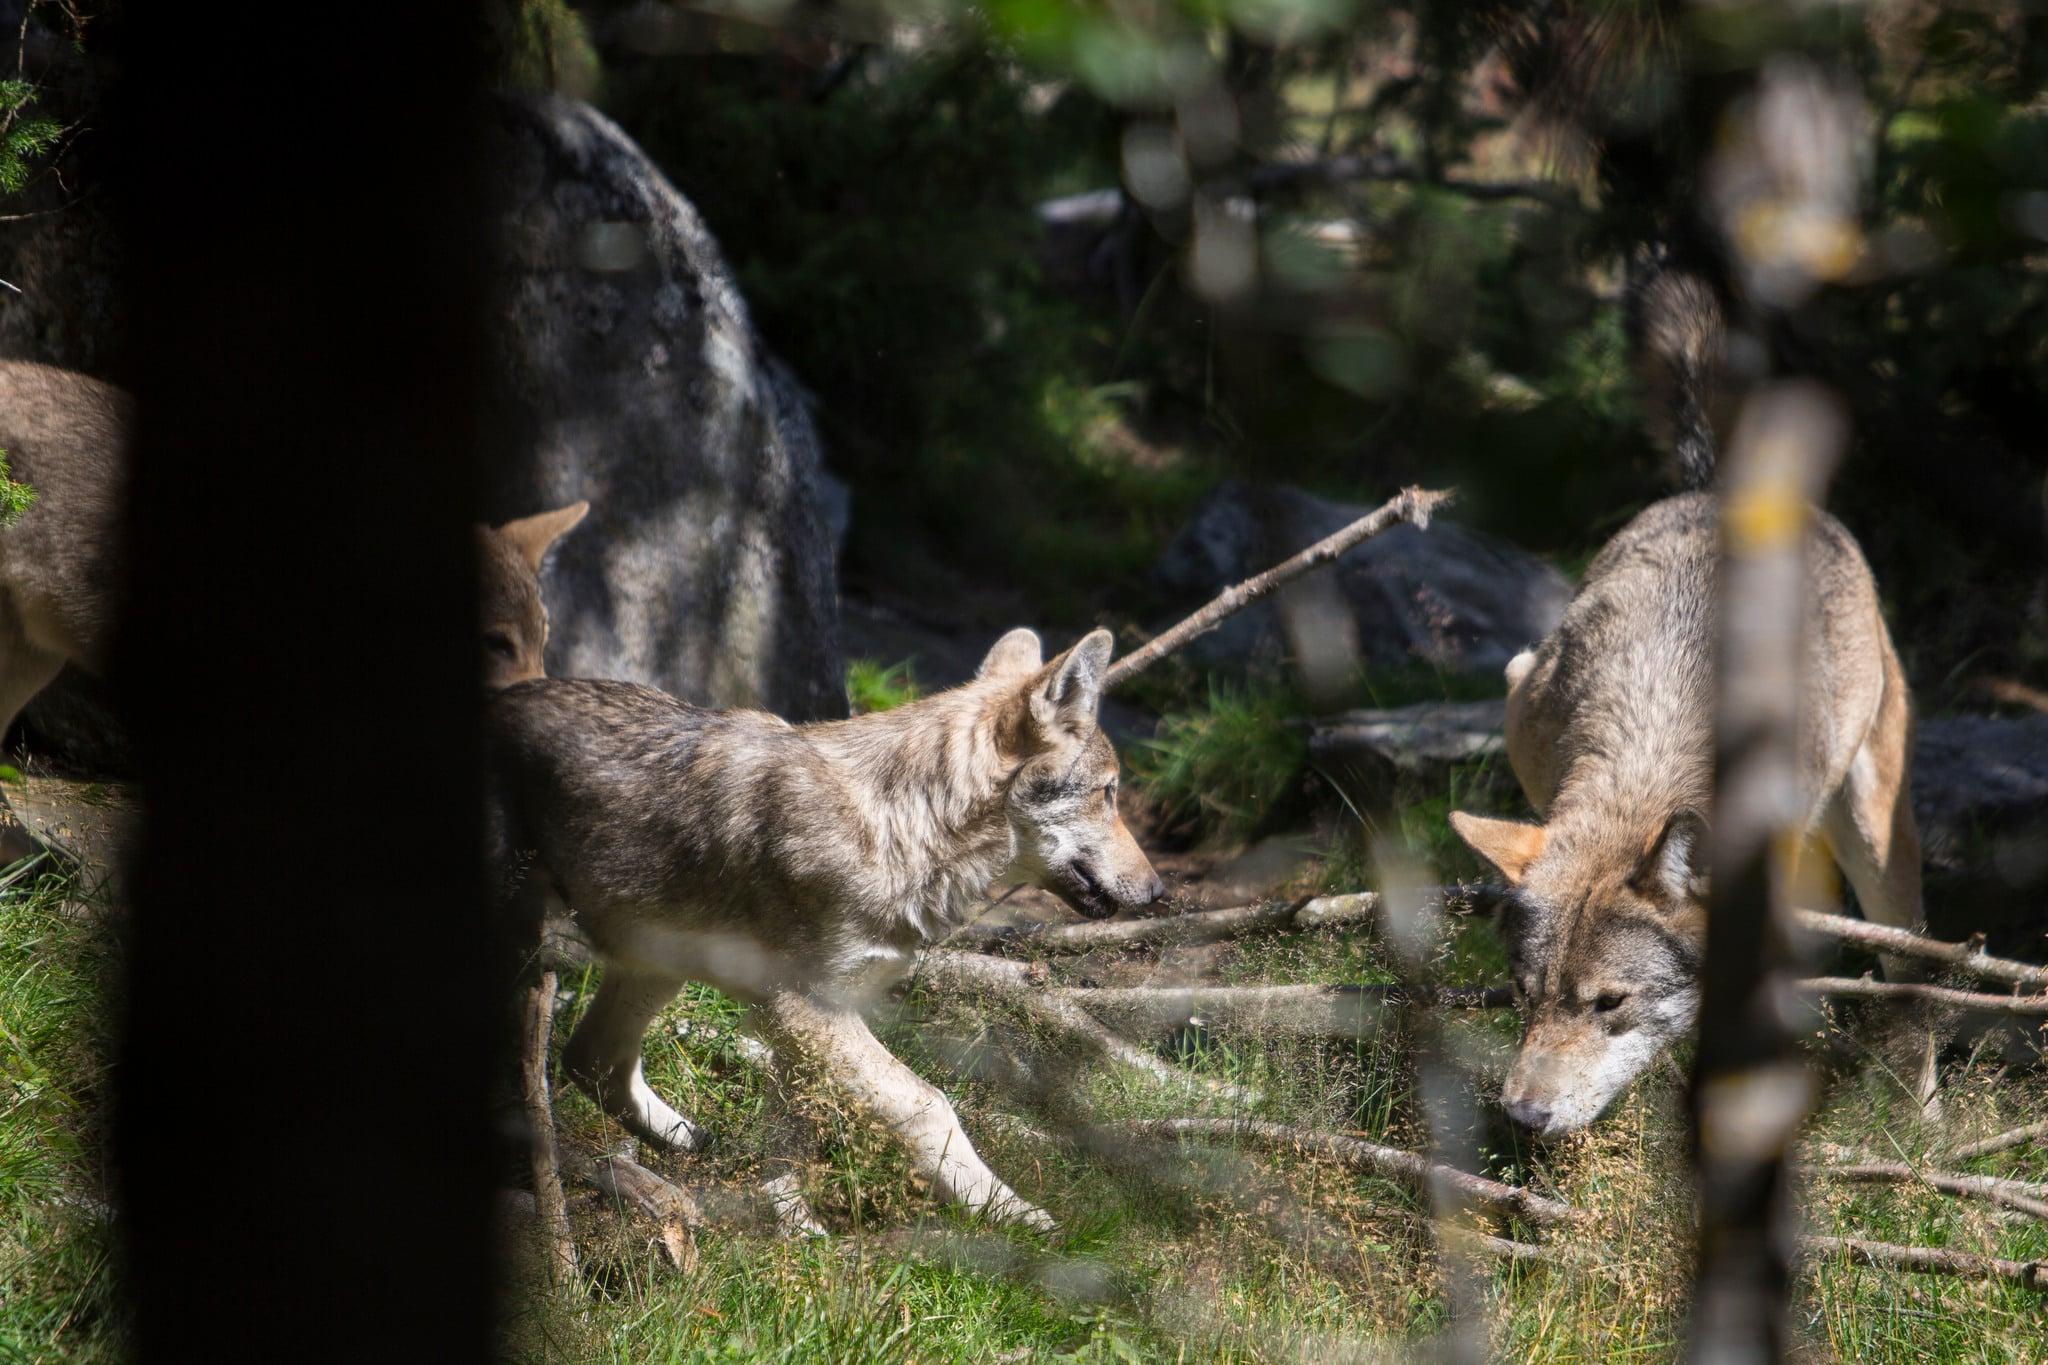 Enligt länsstyrelsen i Gävleborg har antalet vargar fördubblats i länet sedan mätningar gjordes 2013-2014. Arkivbild: Olle Olsson